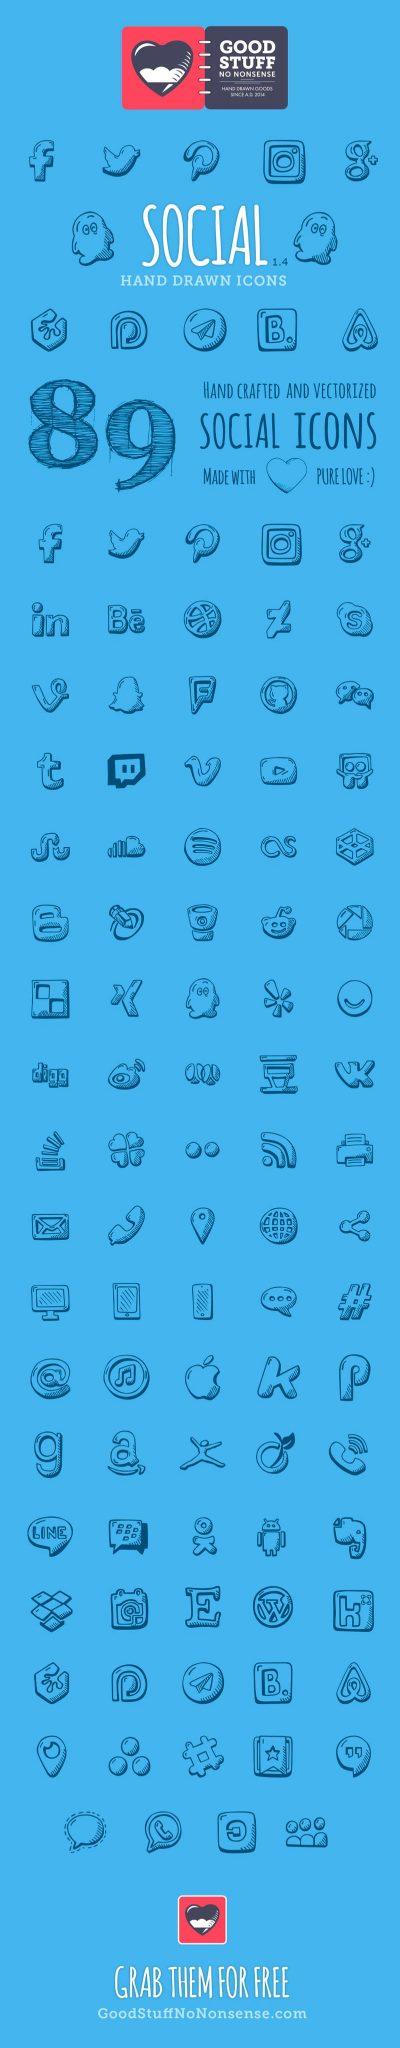 ícones para baixar de mídias sociais